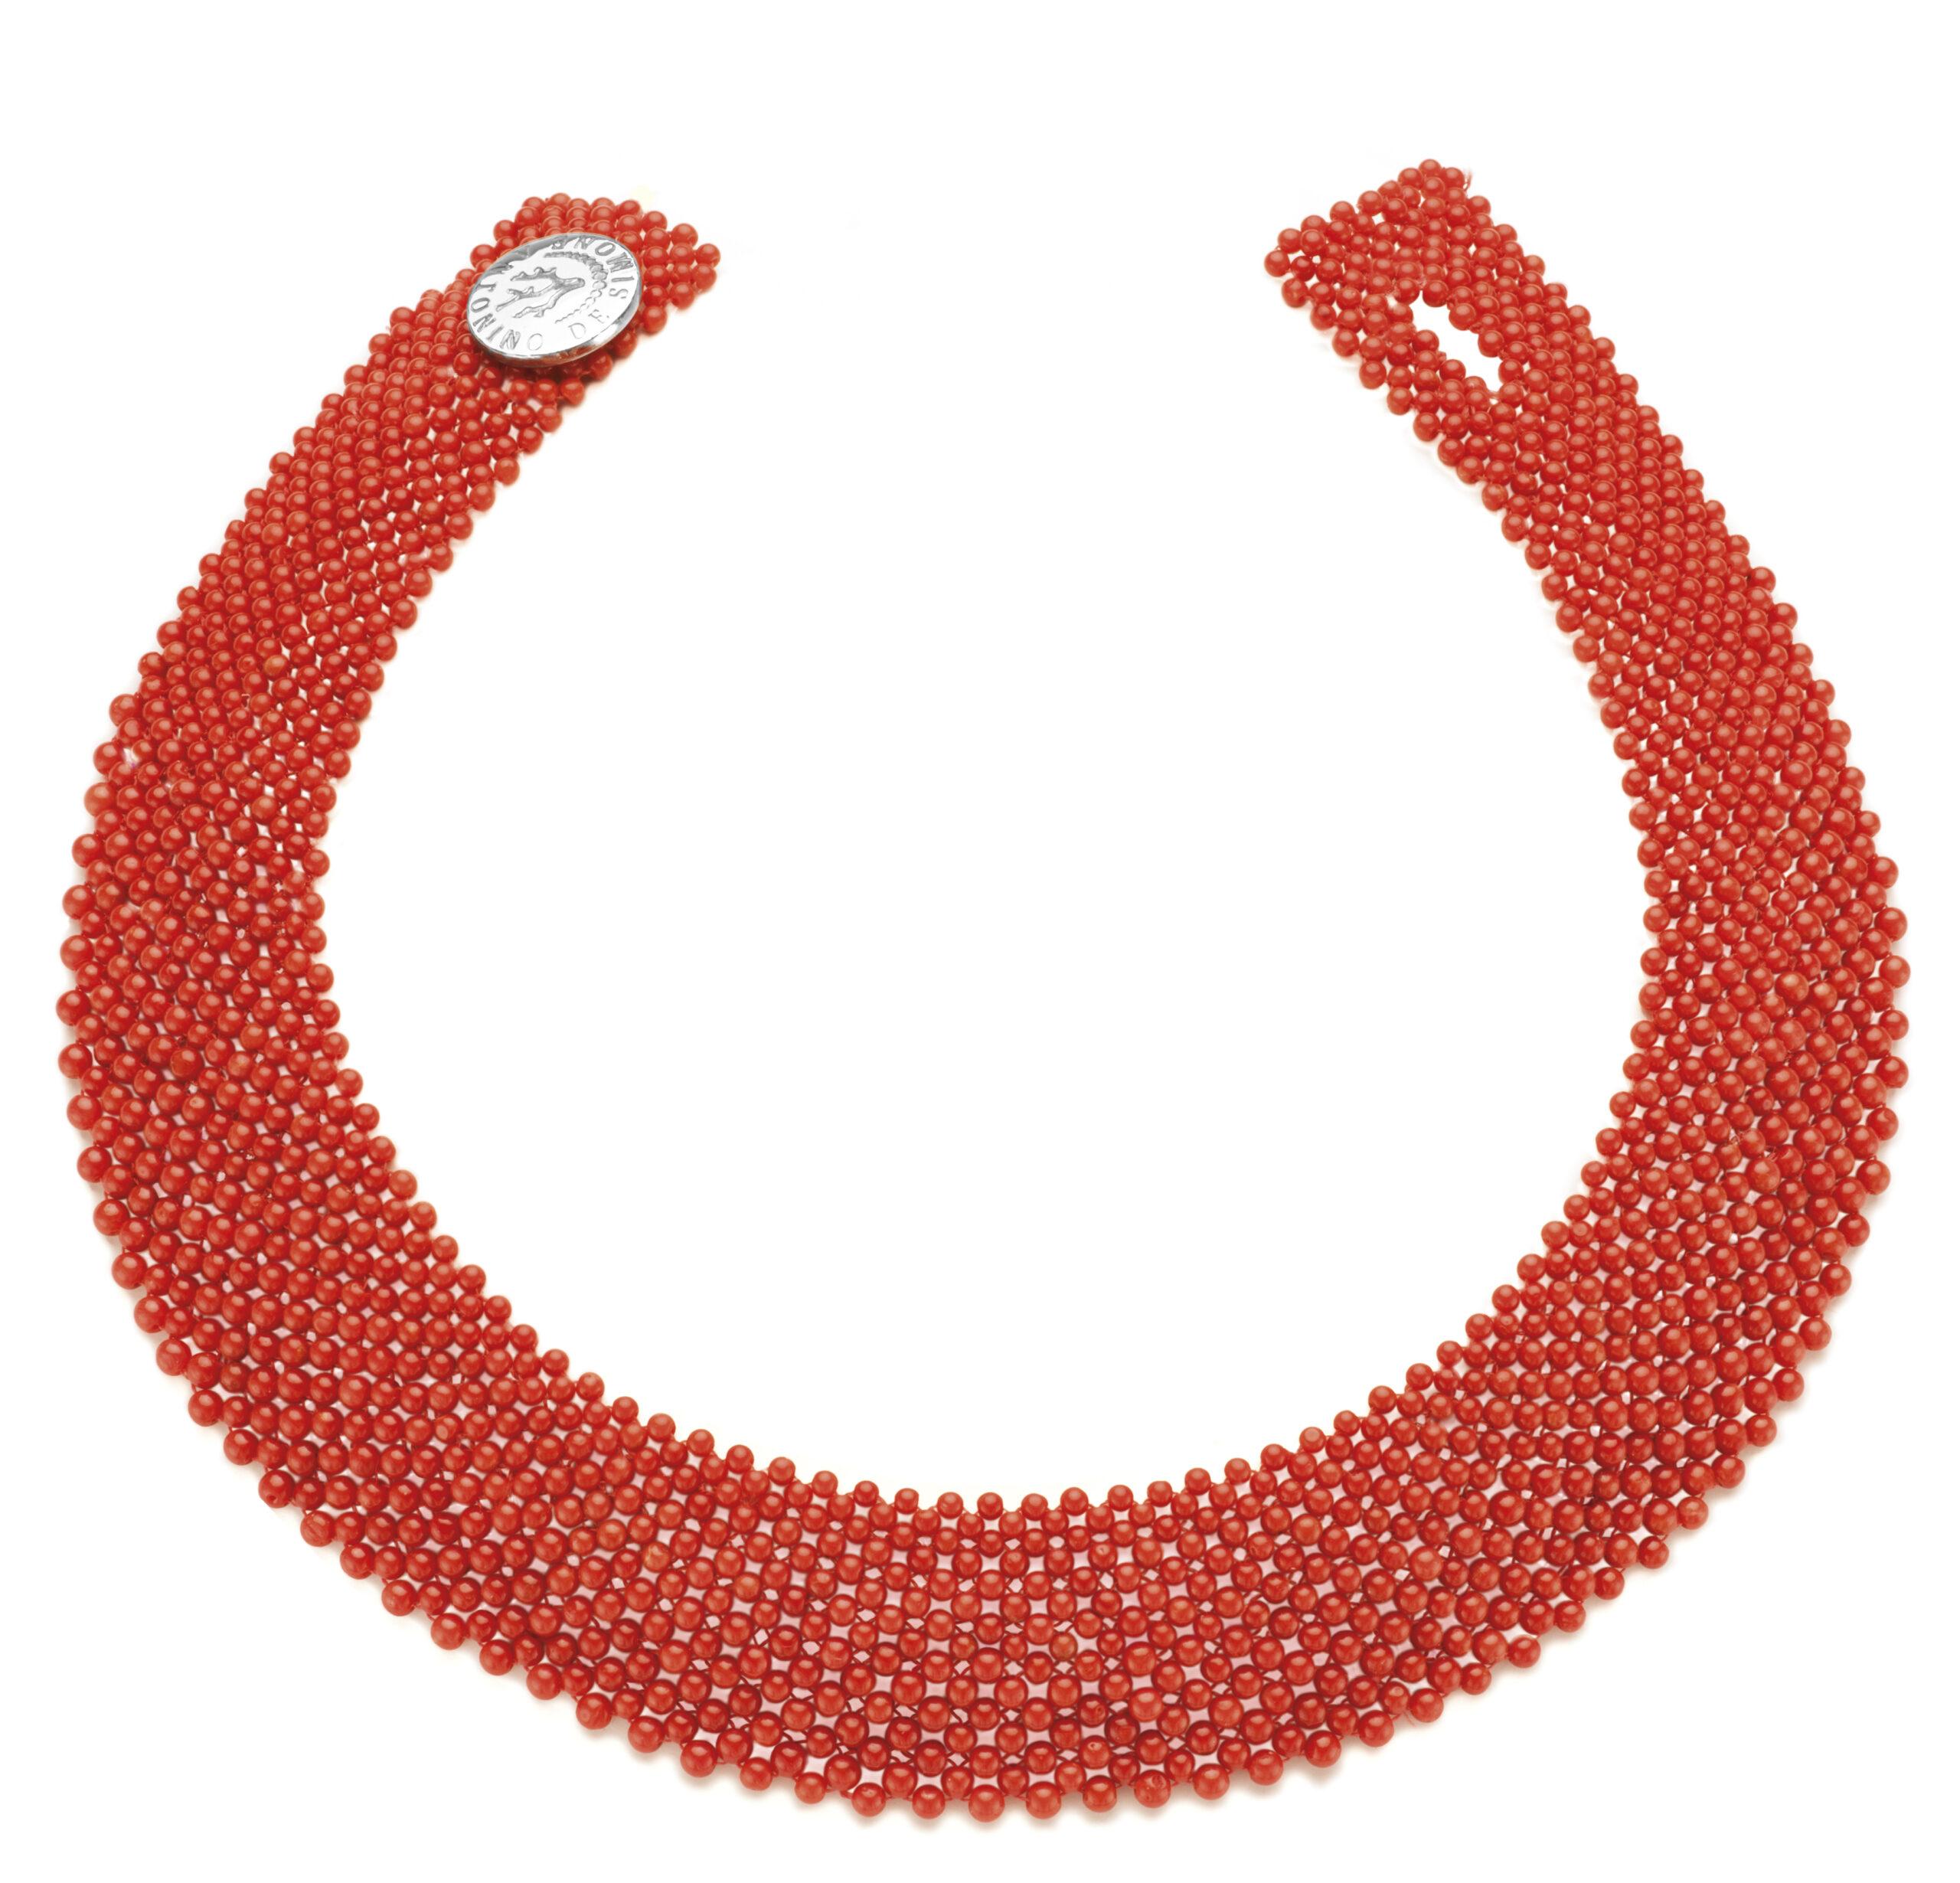 Collier in corallo rosso del Mediterraneo e bottone in argento